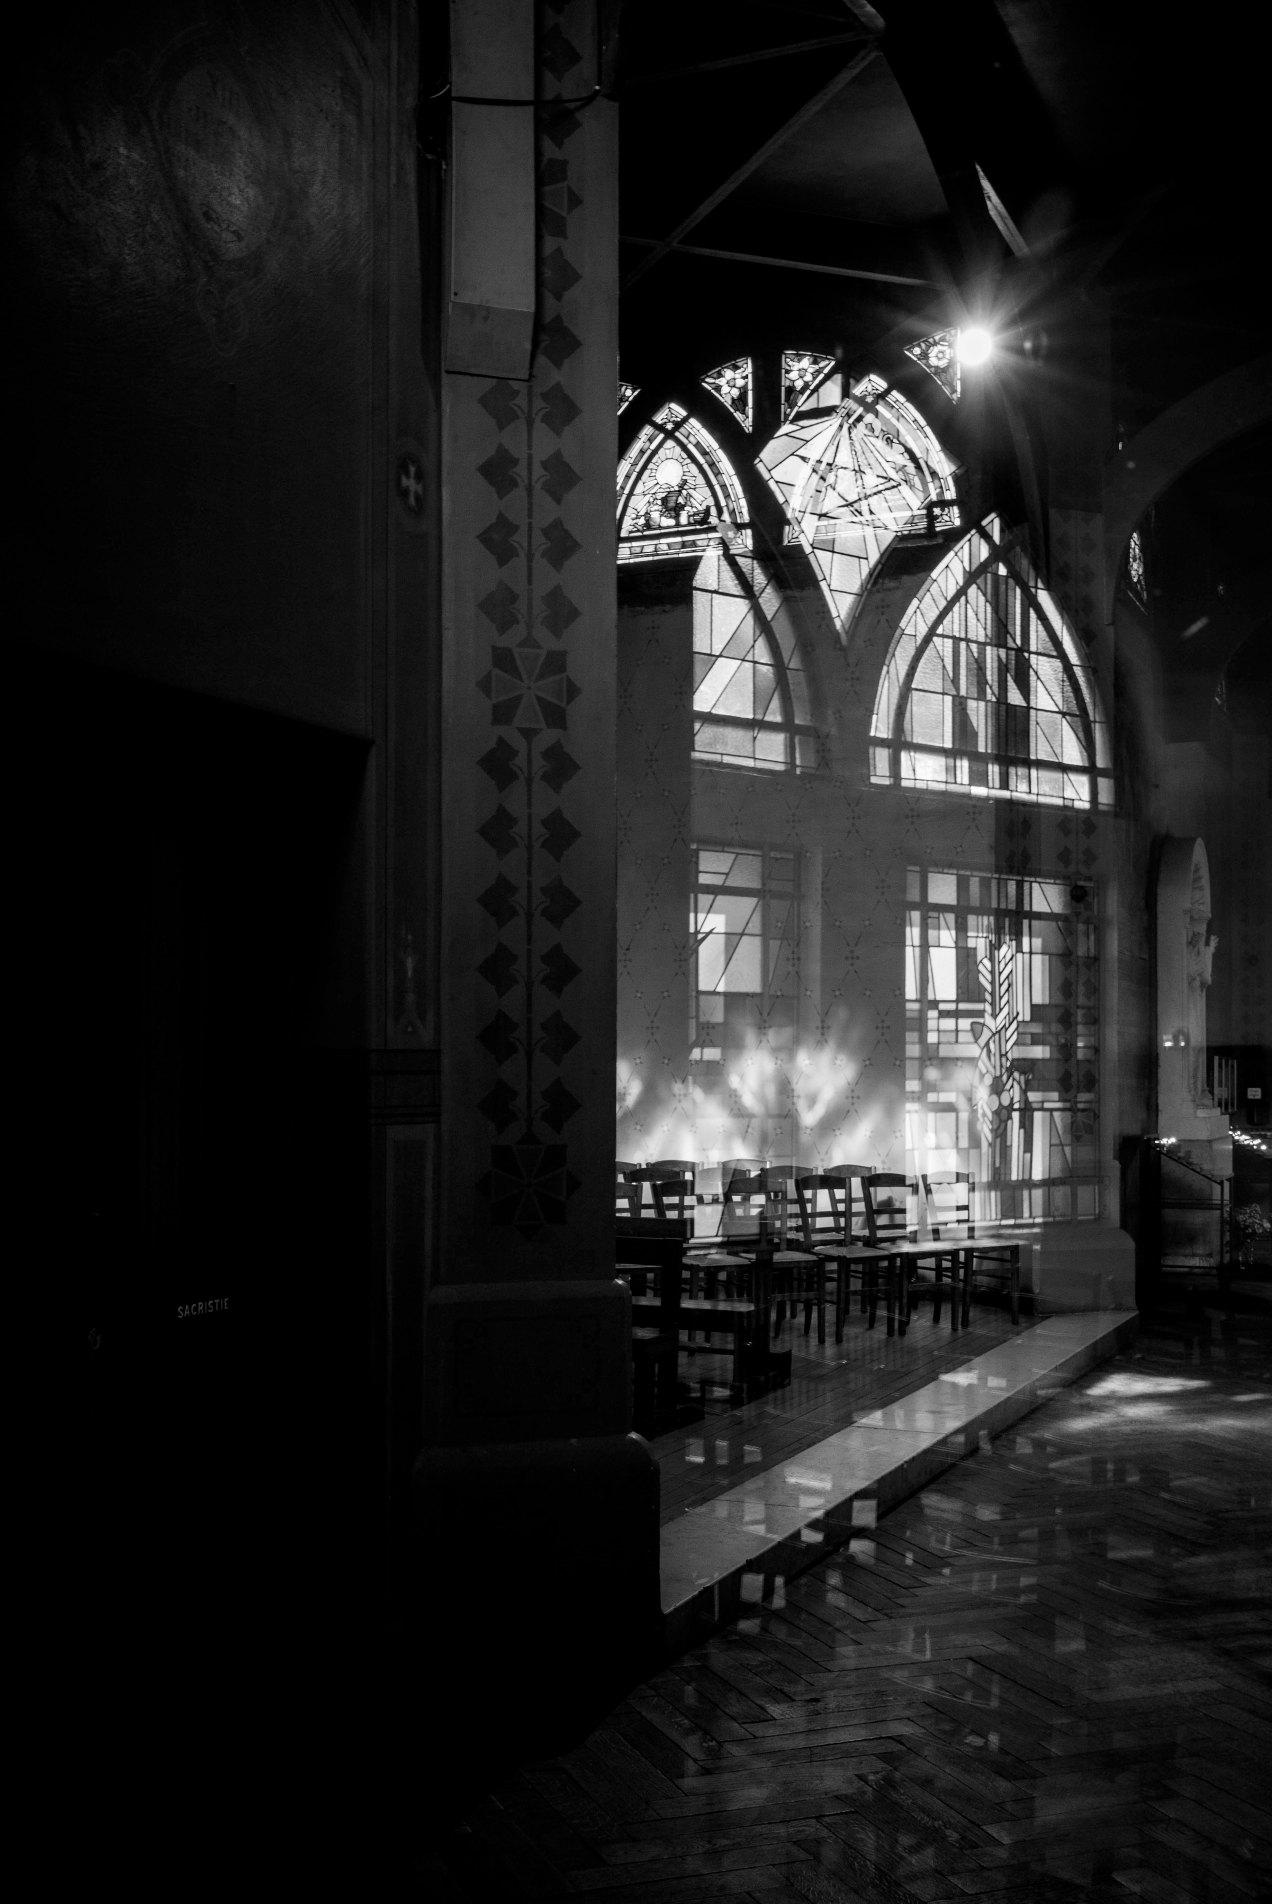 Réflexion, Saint Jean de Montmatre, Paris, gildalliere, 2019